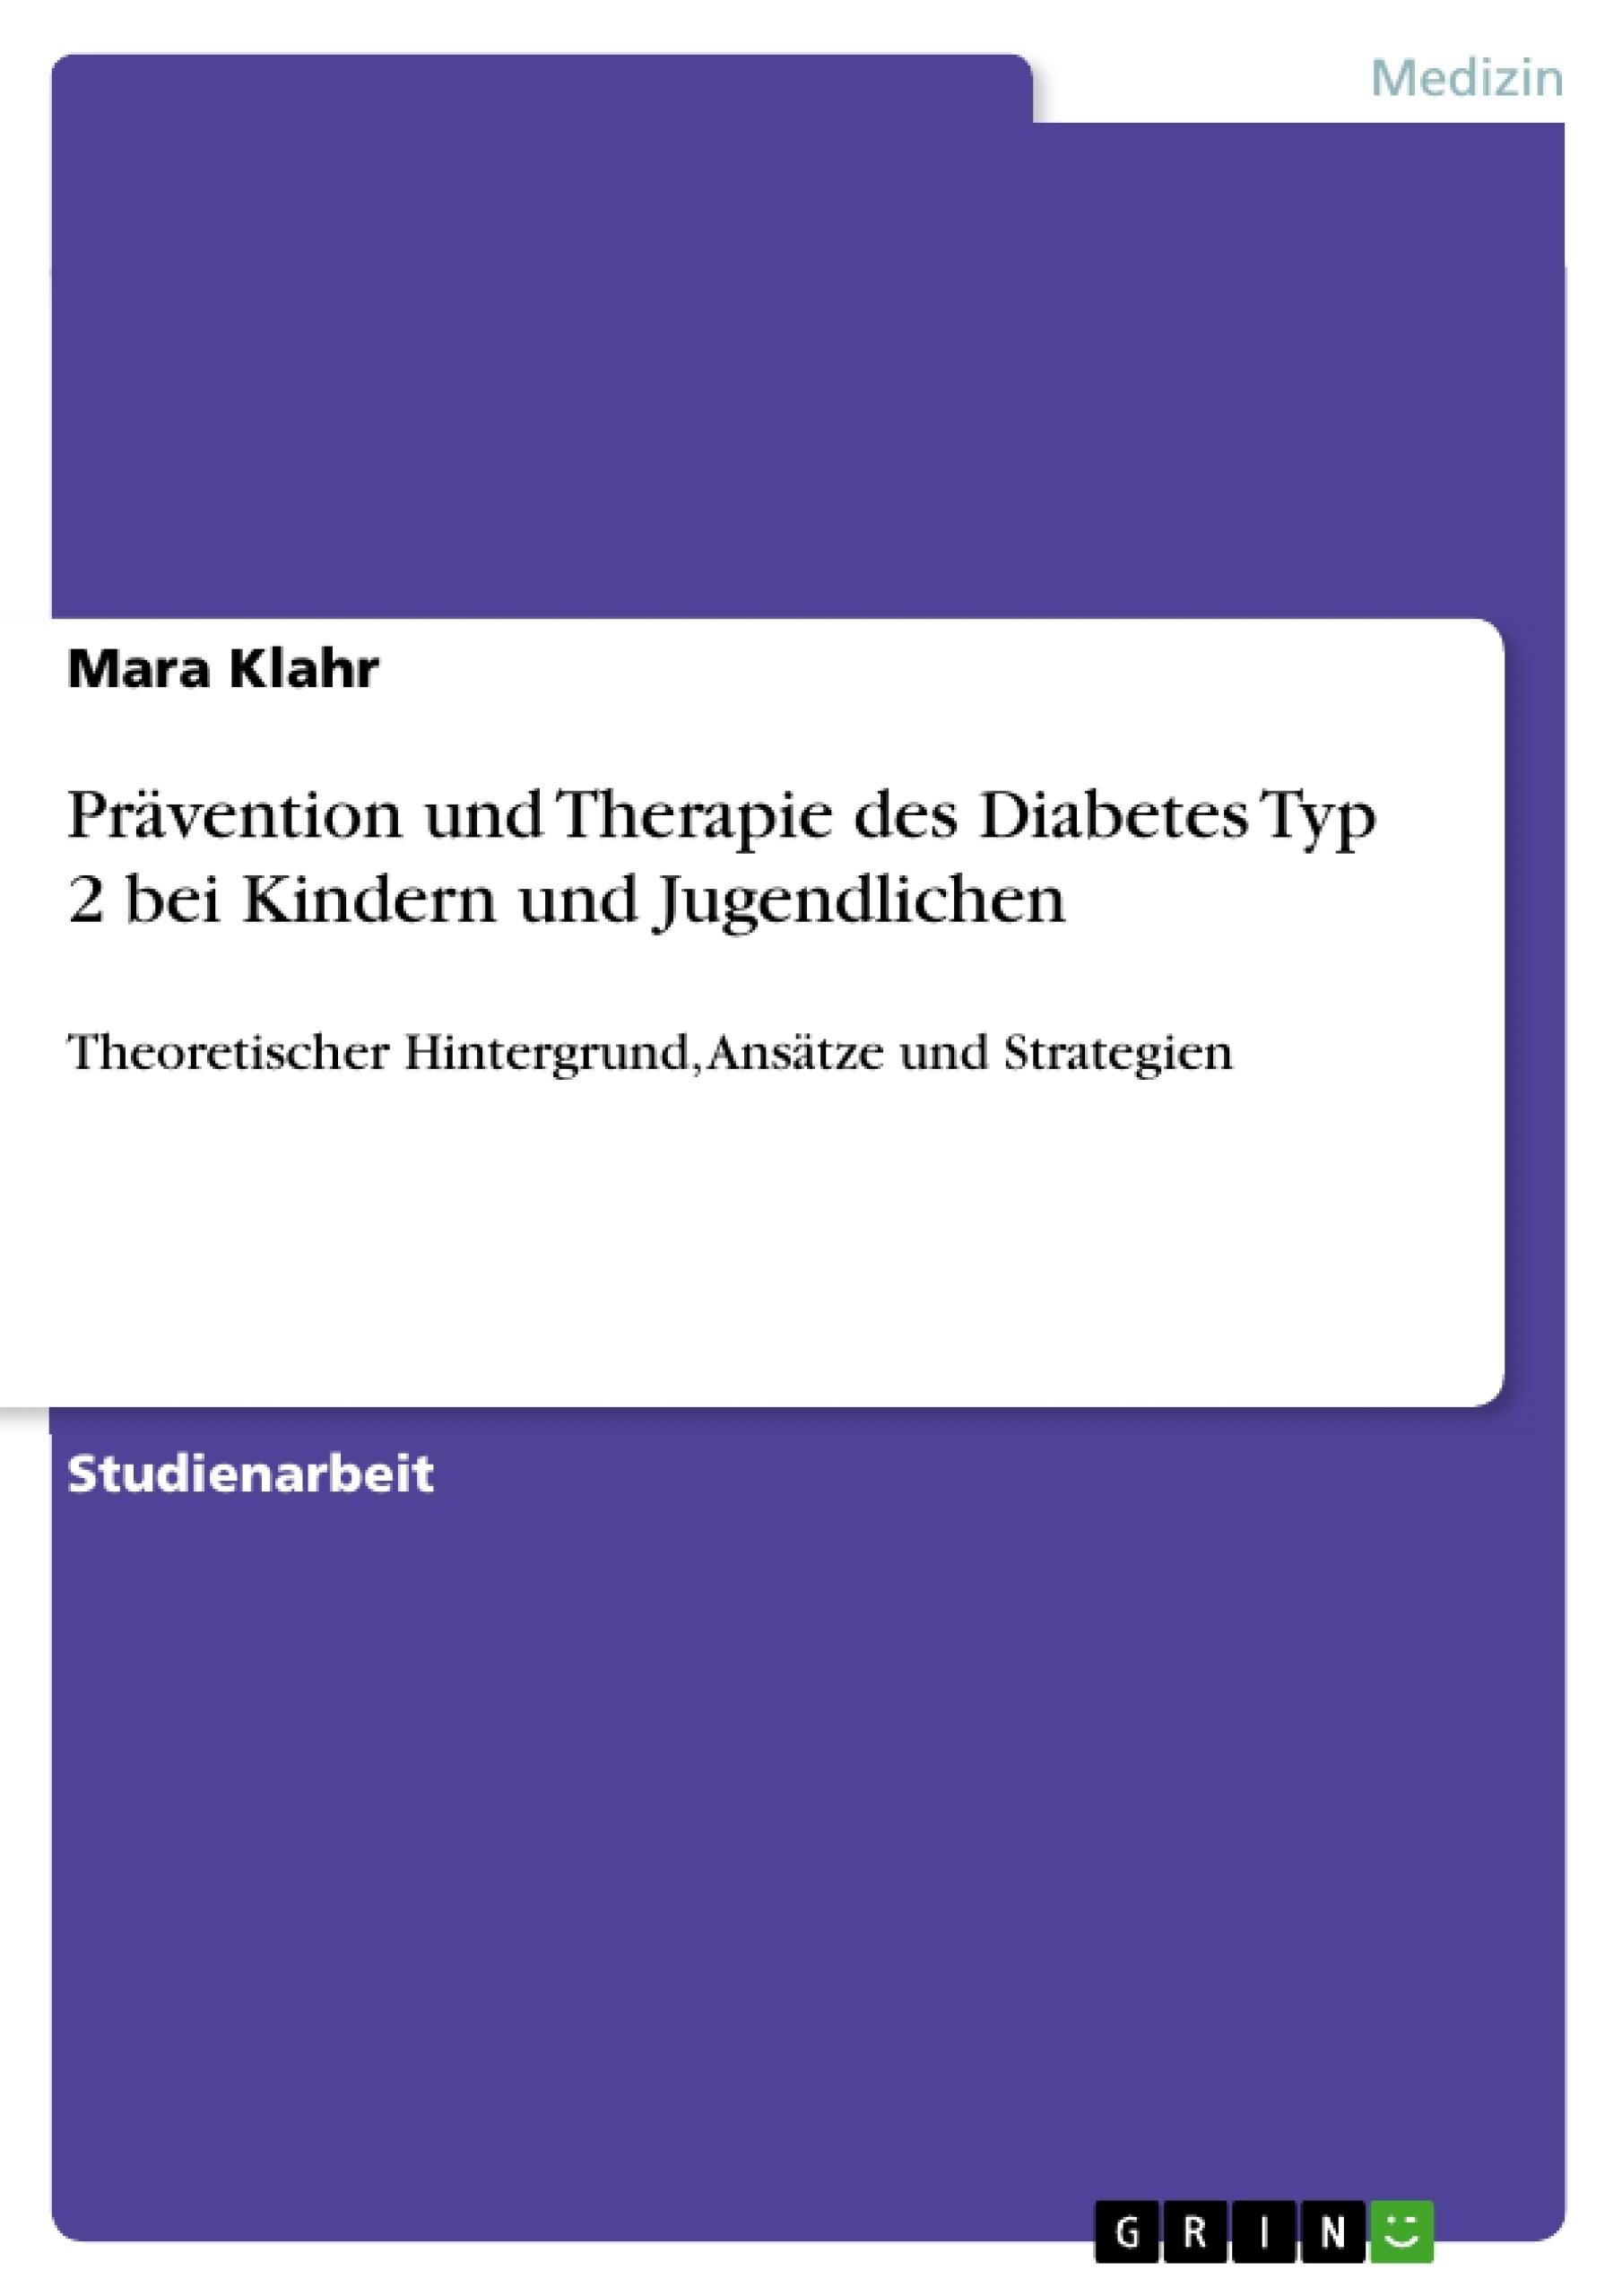 Titel: Prävention und Therapie des Diabetes Typ 2 bei Kindern und Jugendlichen